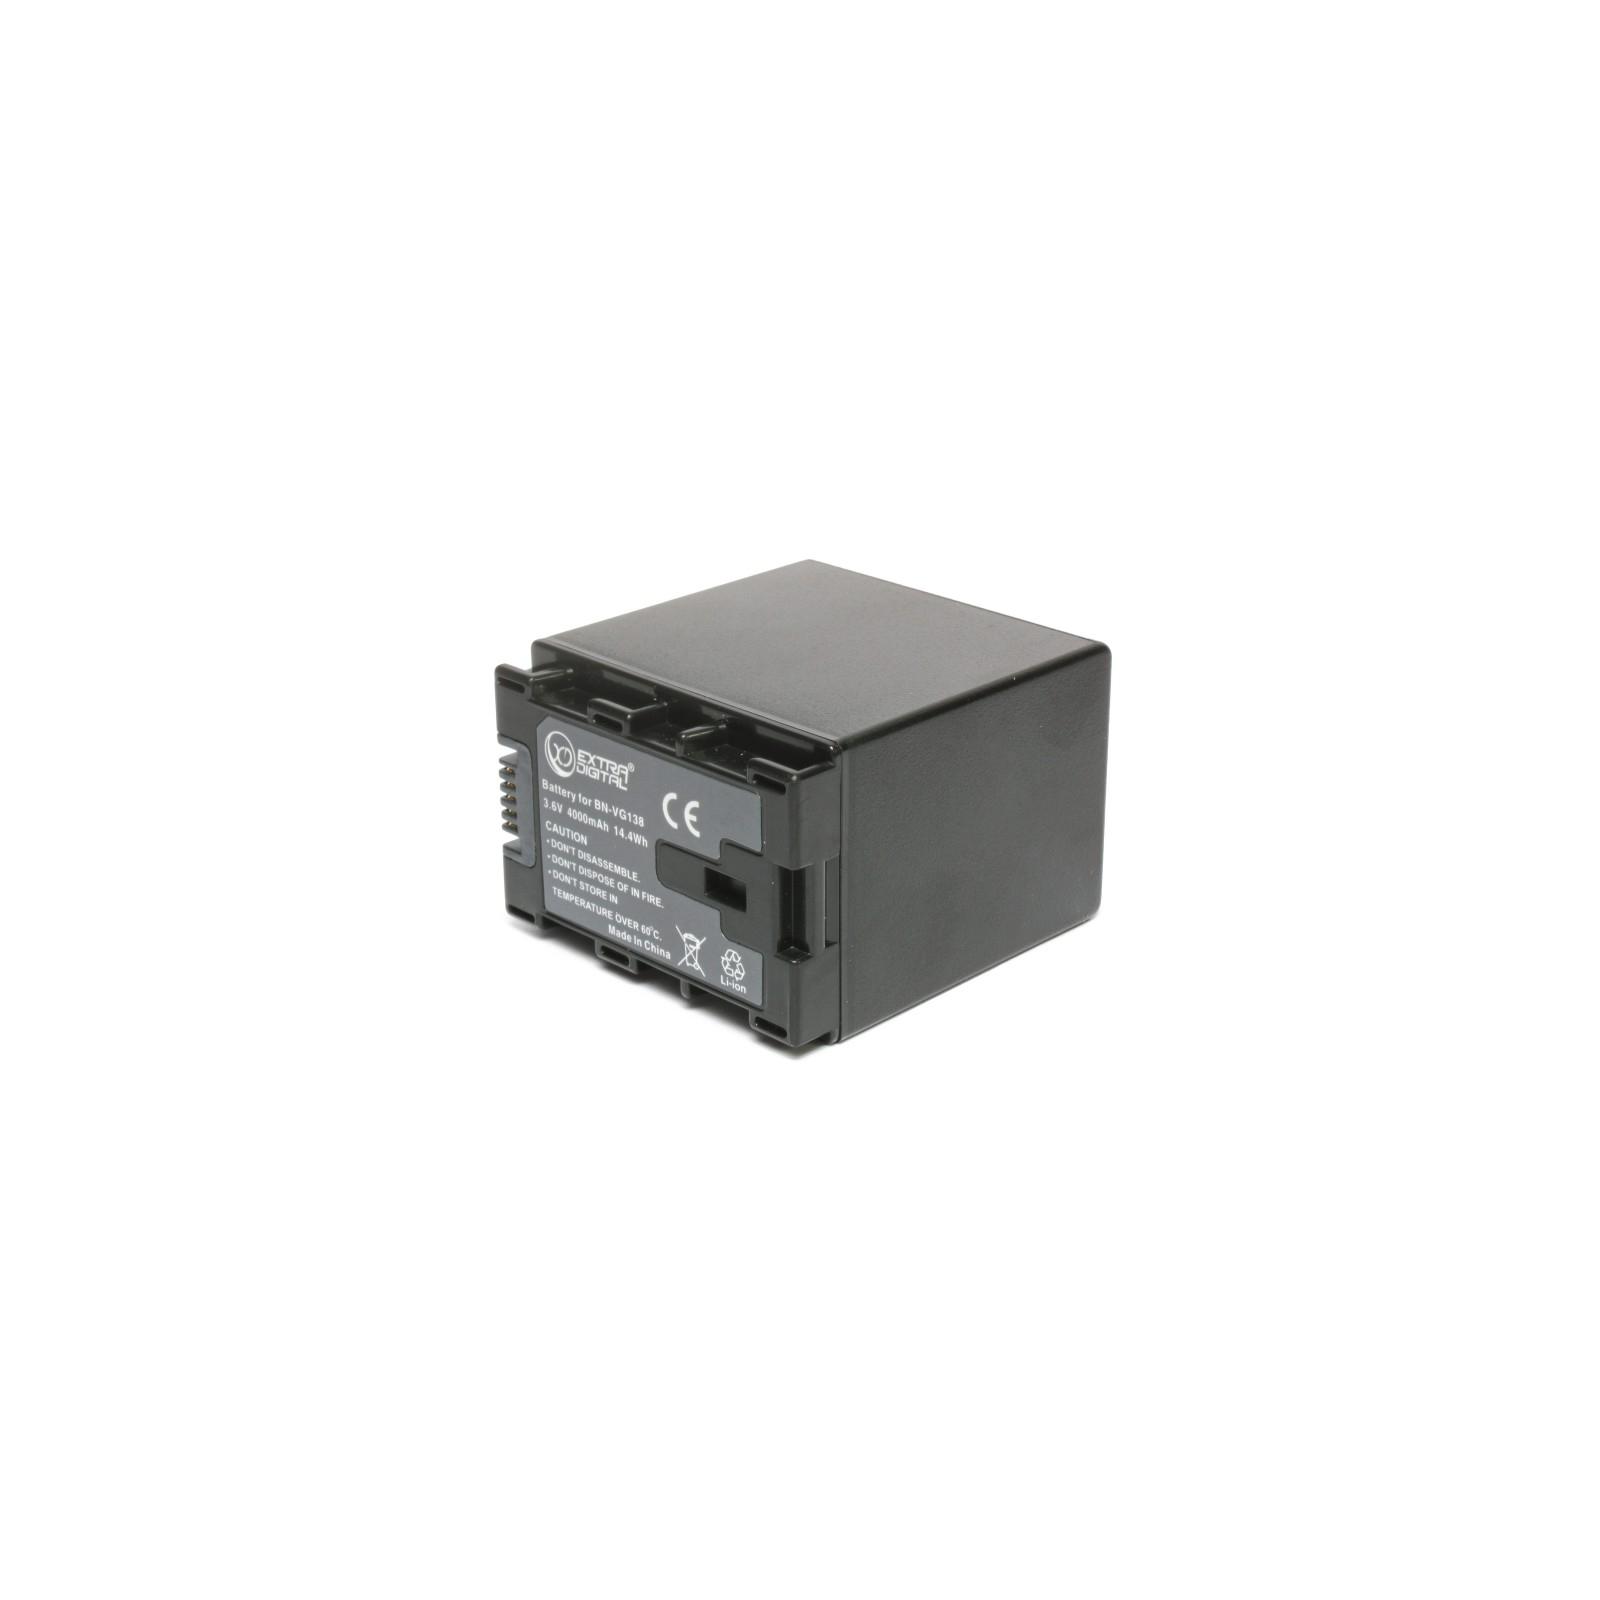 Аккумулятор к фото/видео EXTRADIGITAL JVC BN-VG138 (chip) (BDJ1312) изображение 2